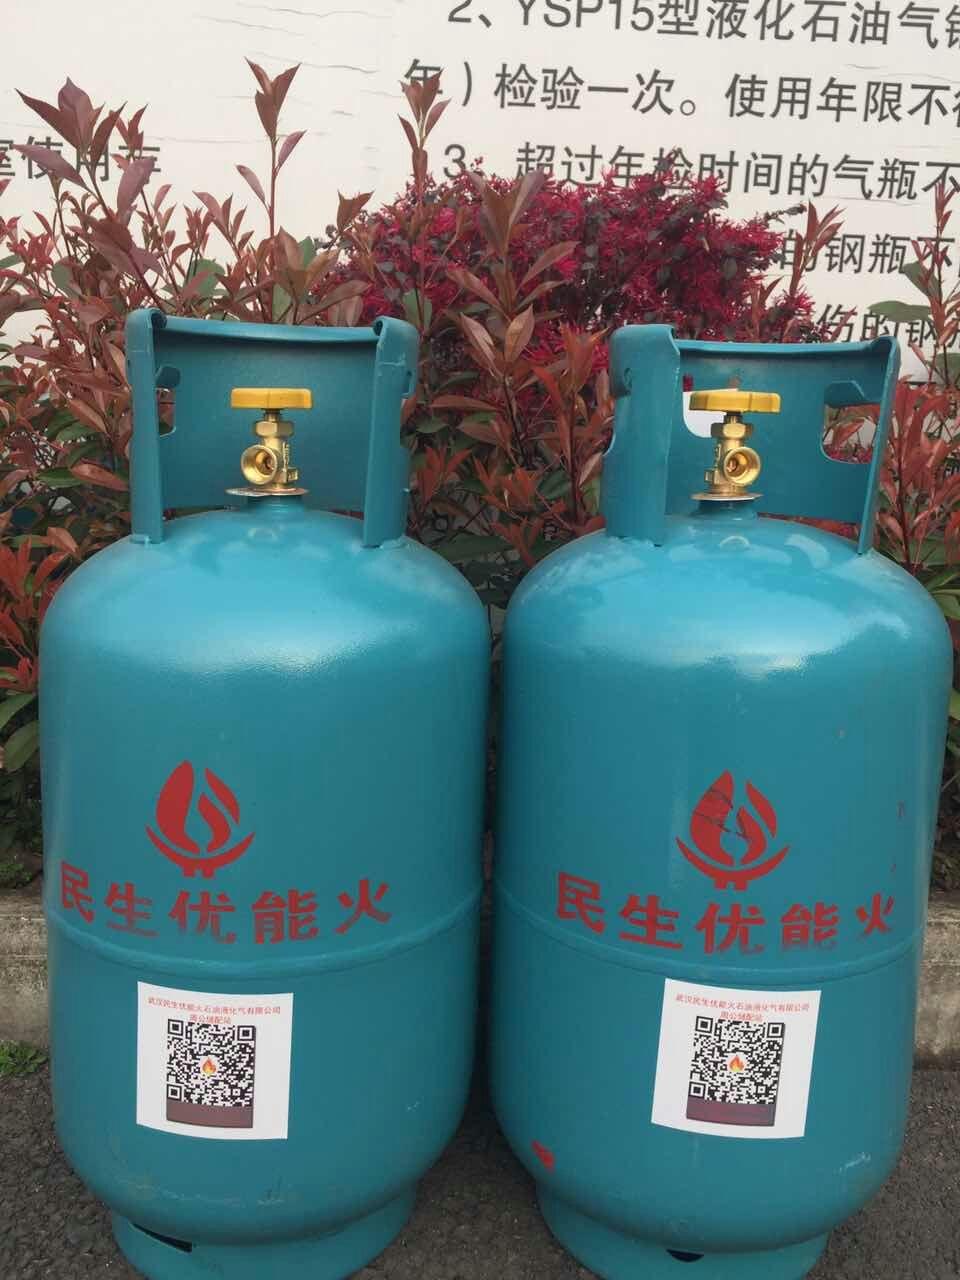 一桶石油有多少公斤